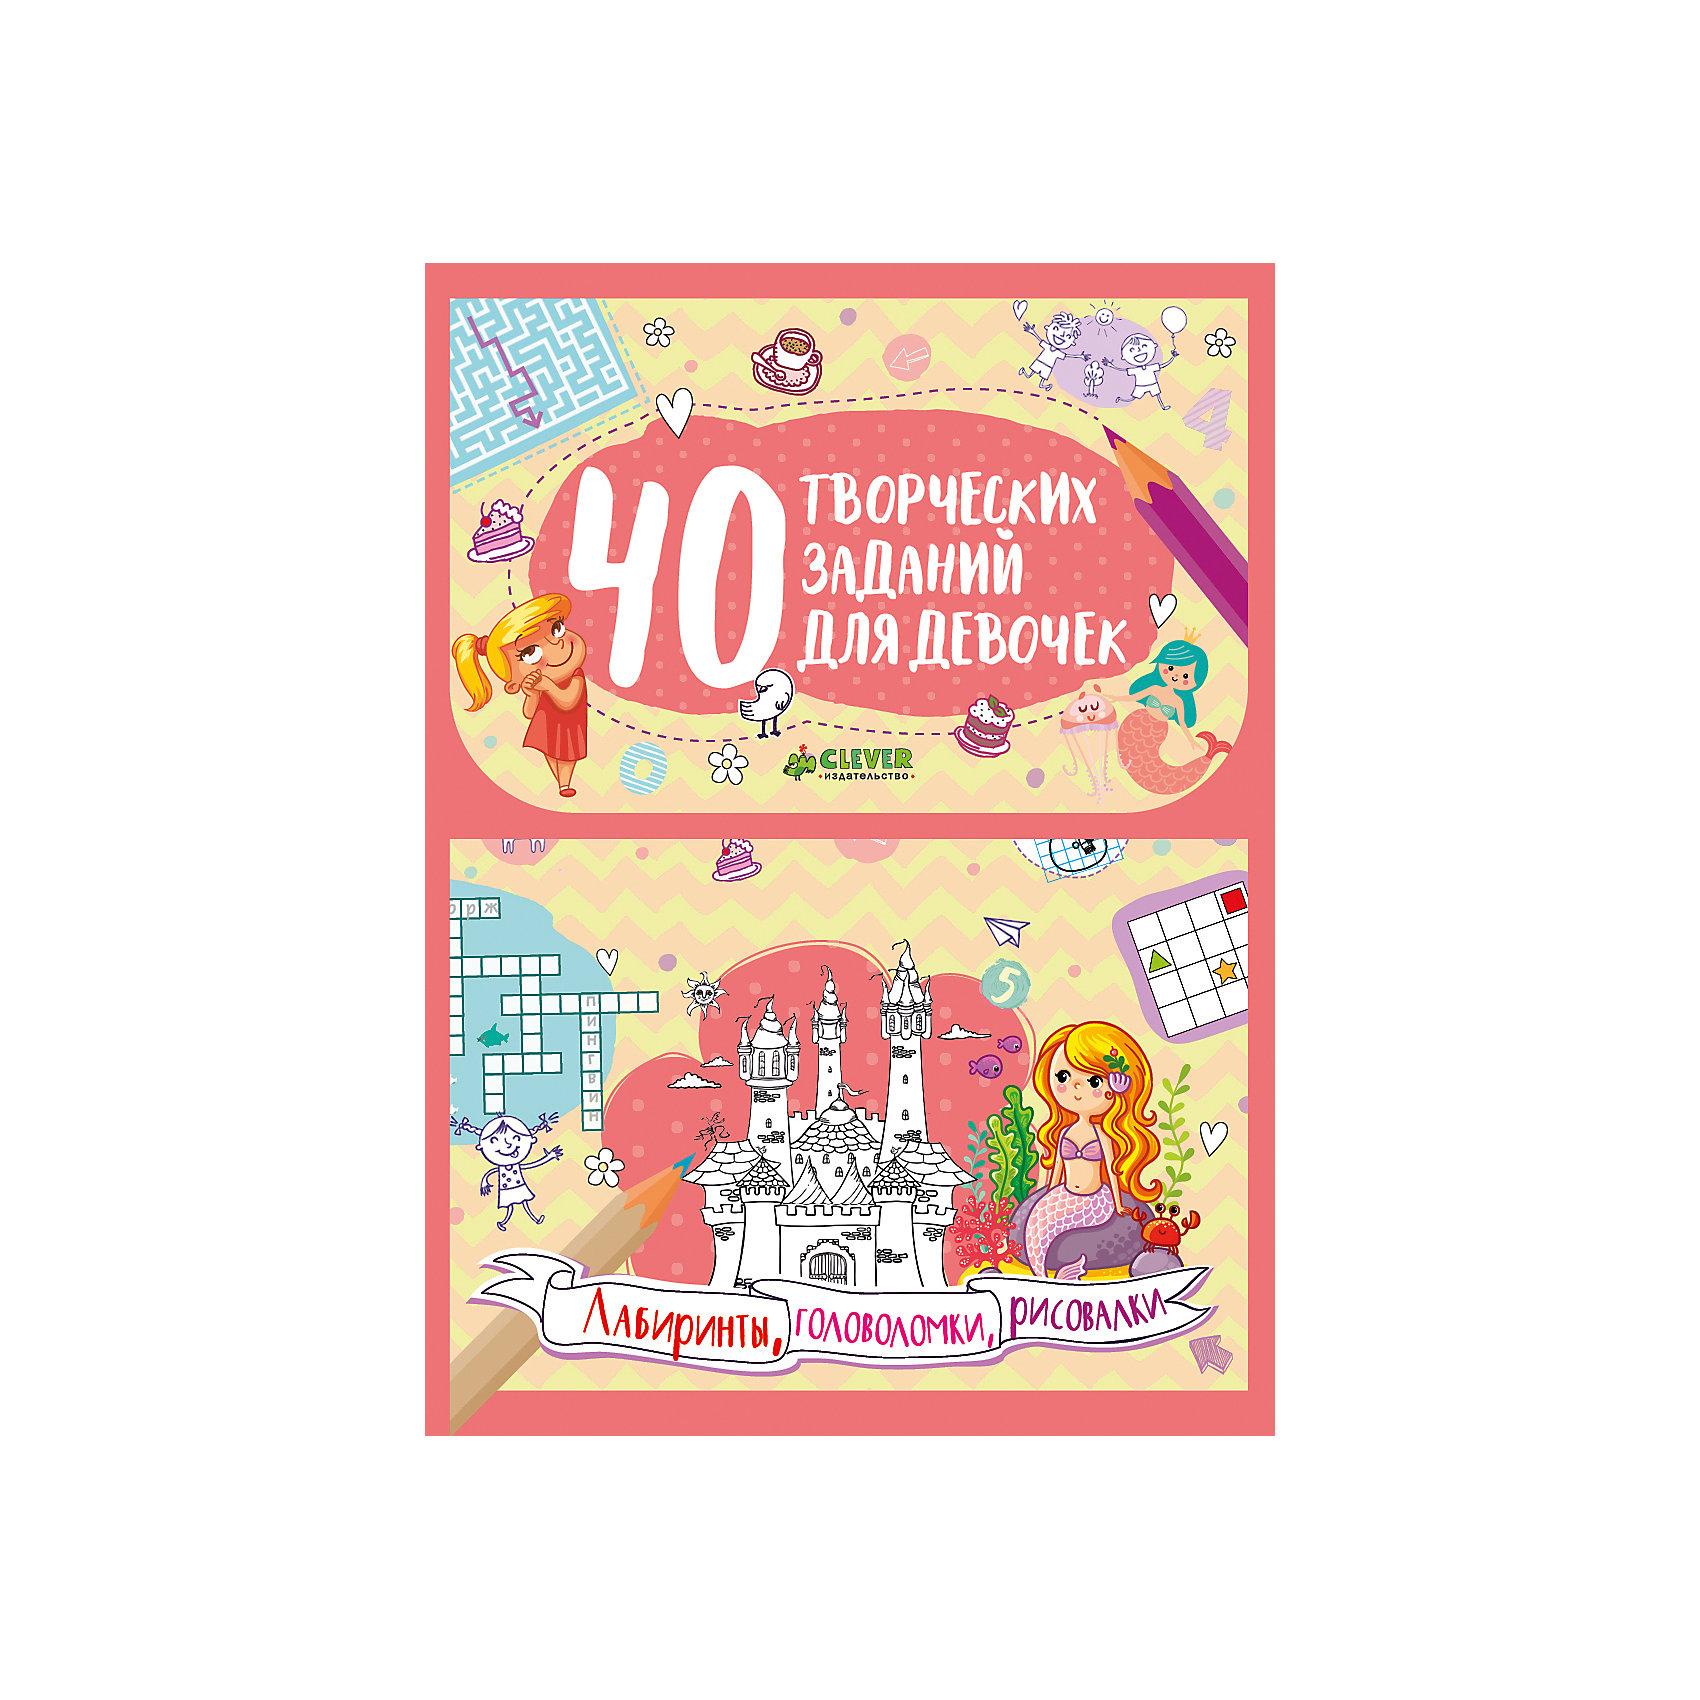 40 творческих заданий для девочек, Лабиринты, головоломки и рисовалкиCLEVER (КЛЕВЕР)<br>Характеристики 40 творческих заданий для девочек:<br><br>• возраст: от 4 лет<br>• пол: для девочек<br>• материал: картон, бумага.<br>• количество страниц: 80.<br>• размер книги: 18.6х14.4 см.<br>• тип обложки: твердый.<br>• иллюстрации: цветные.<br>• бренд: издательство Clever<br>• автор: Попова Е.<br>• страна обладатель бренда: Россия.<br><br>Эта прекрасная книжка для детей от издательство Clever представлена серией 40 творческих заданий для девочек и называется Лабиринты, головоломки, рисовалки. Книжка выполнена из качественного картона и хорошей бумаги, в ней имеется восемьдесят страниц, на каждой из которых можно найти интересную информацию и задействовать логическое мышление.<br><br>40 творческих заданий для девочек, лабиринты, головоломки и рисовалки издательства Clever можно купить в нашем интернет-магазине.<br><br>Ширина мм: 186<br>Глубина мм: 144<br>Высота мм: 5<br>Вес г: 162<br>Возраст от месяцев: 48<br>Возраст до месяцев: 72<br>Пол: Женский<br>Возраст: Детский<br>SKU: 5377841